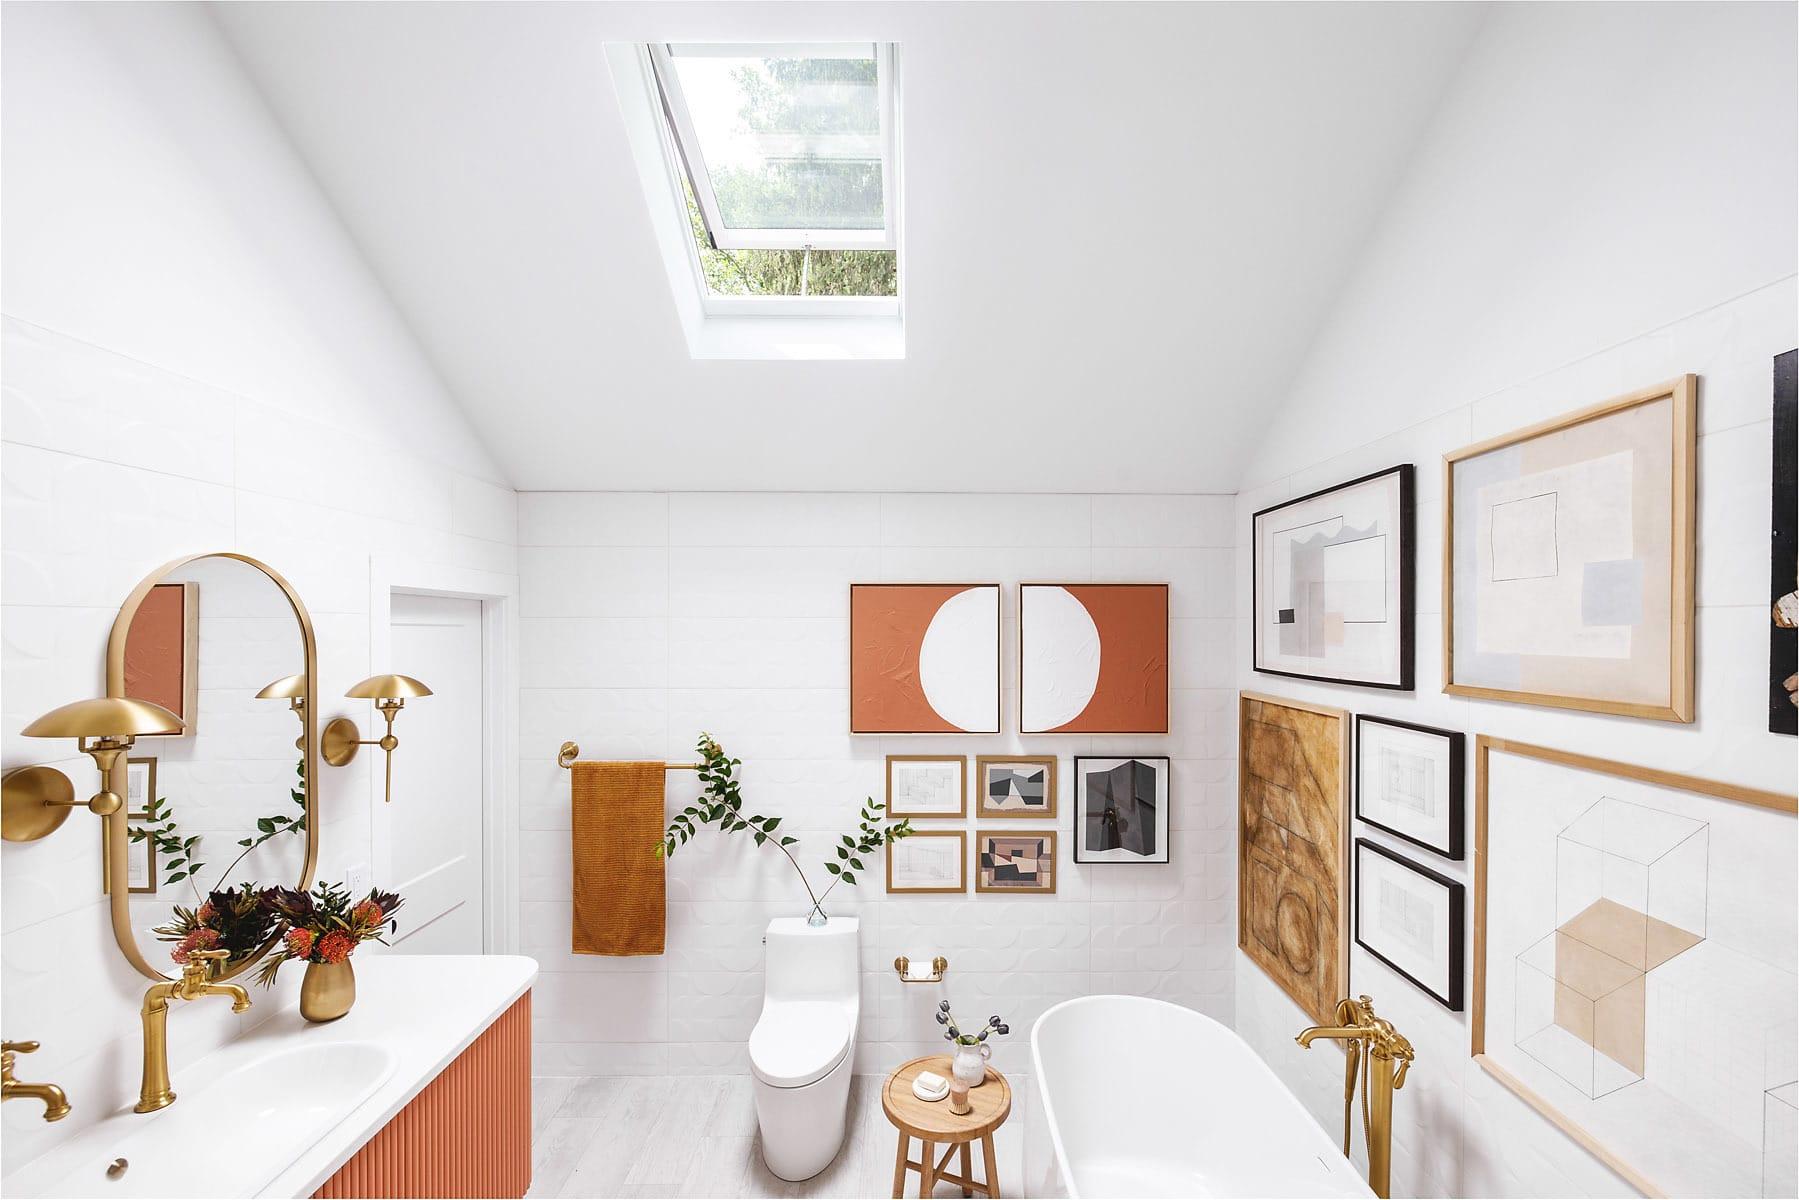 Uo21 main bathroom 77 A0116 1800x1200